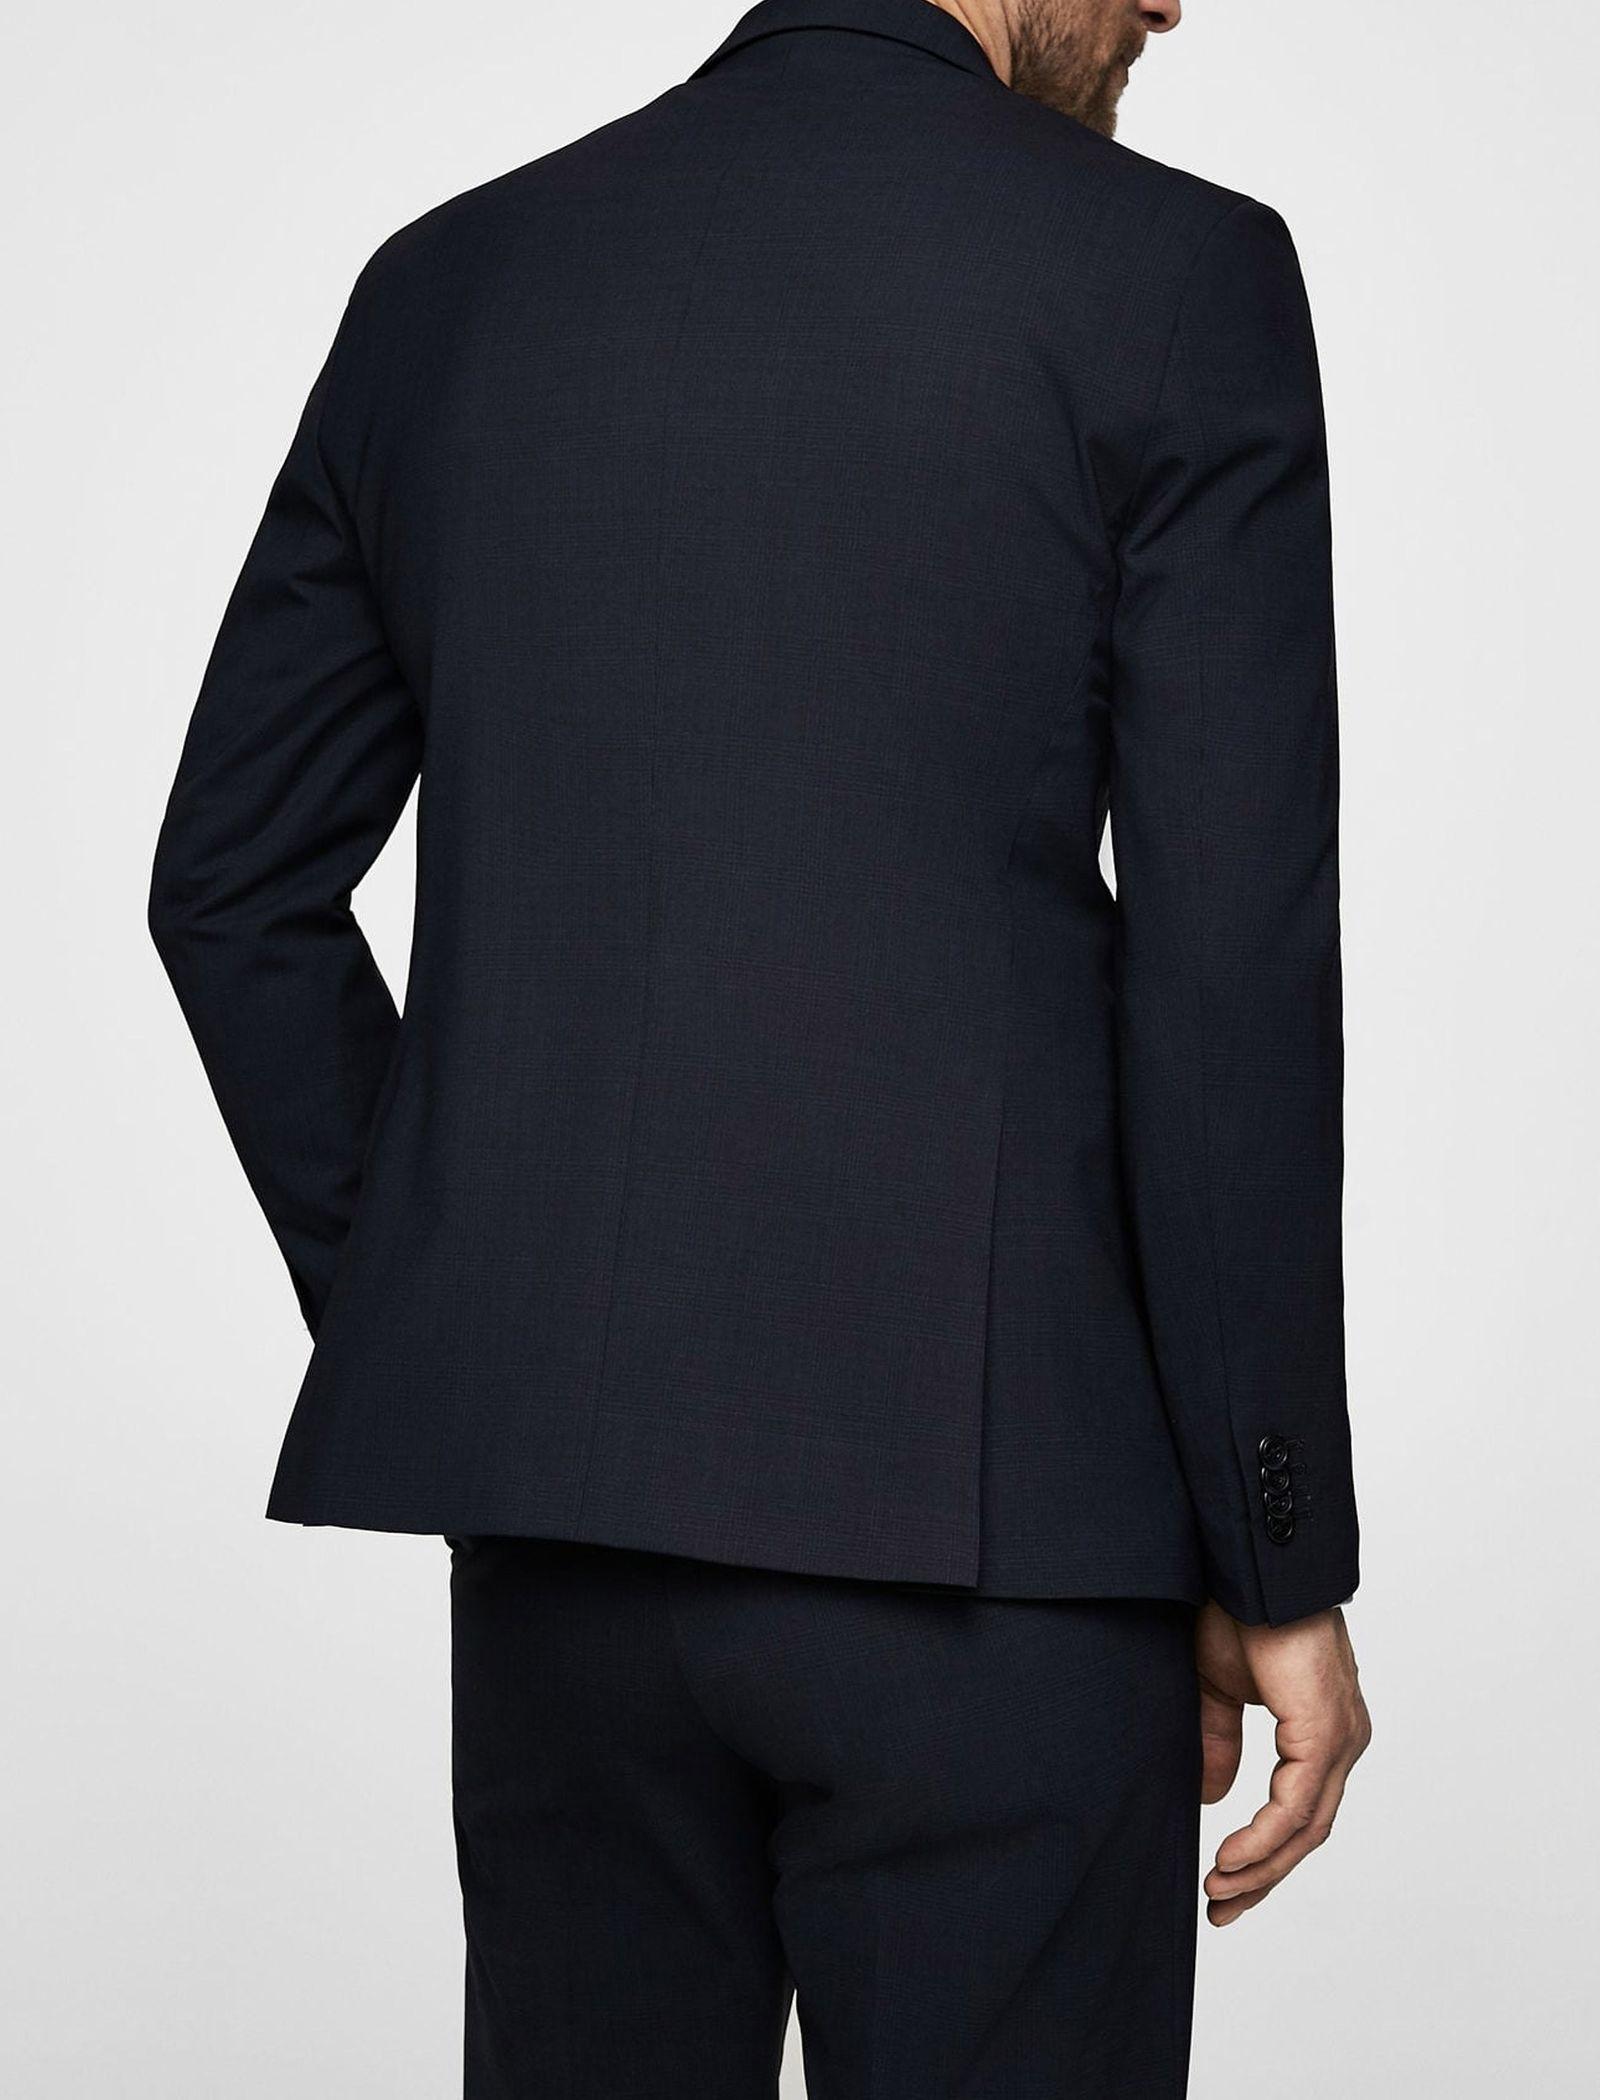 کت تک رسمی مردانه - مانگو - سرمه اي  - 6